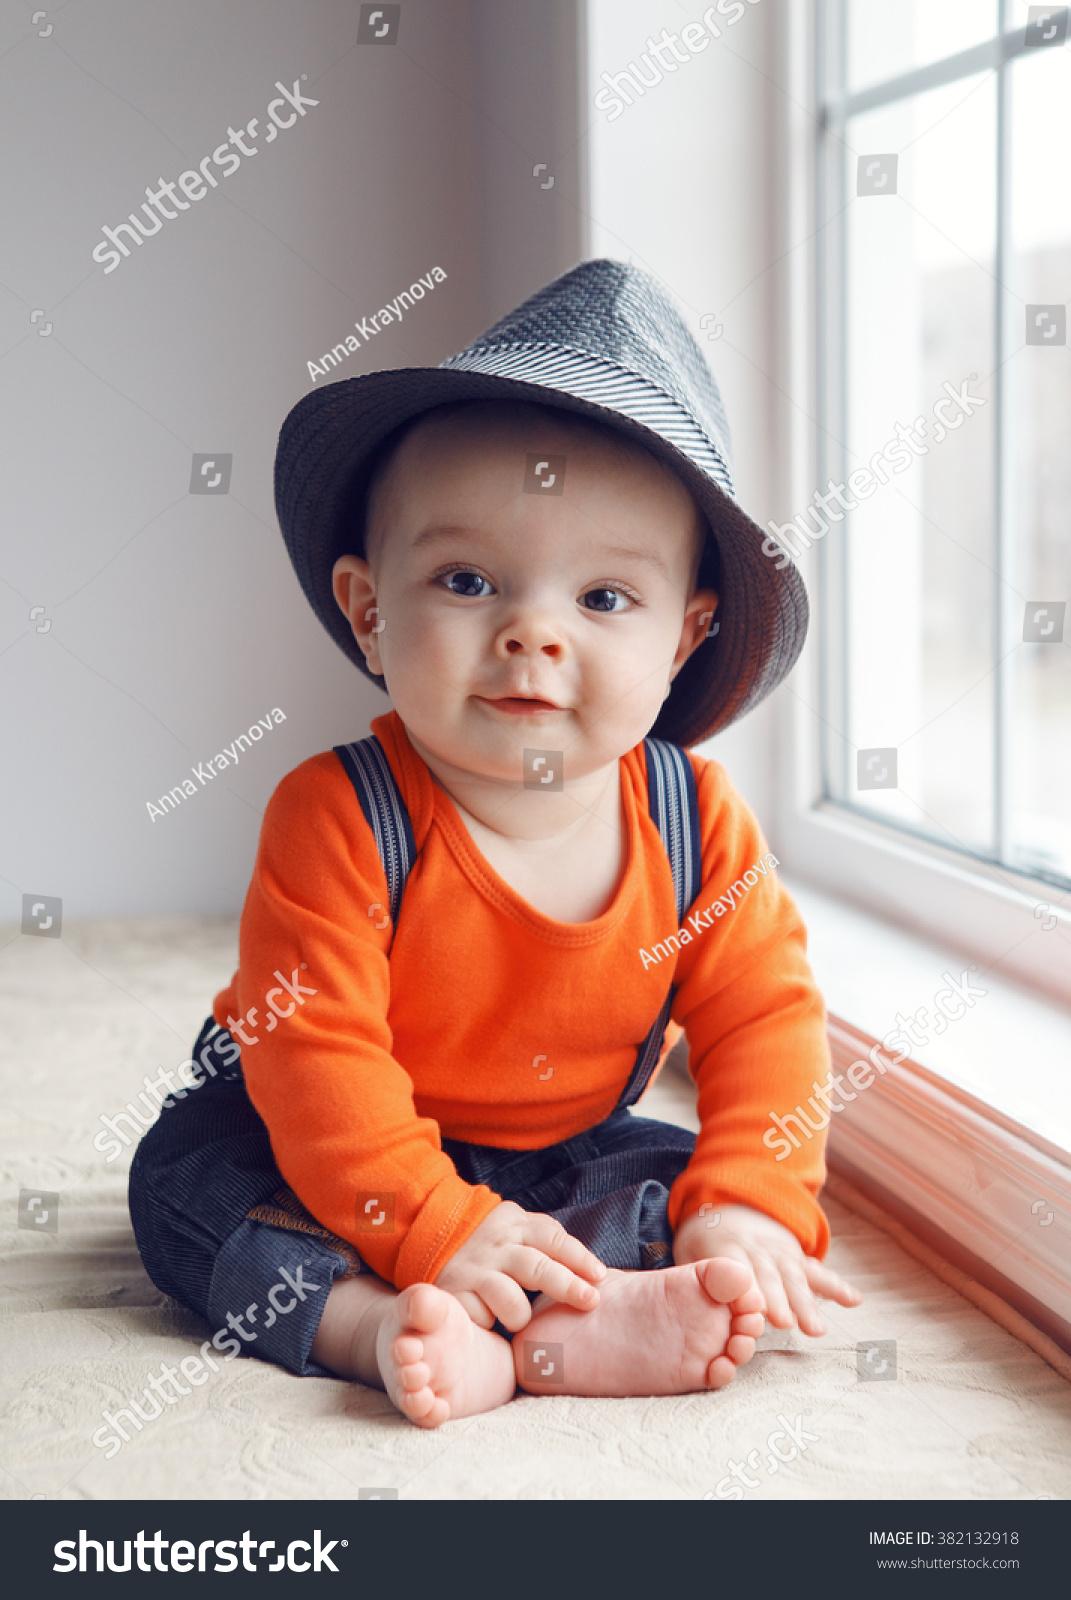 Baby boy stylish photos new photo